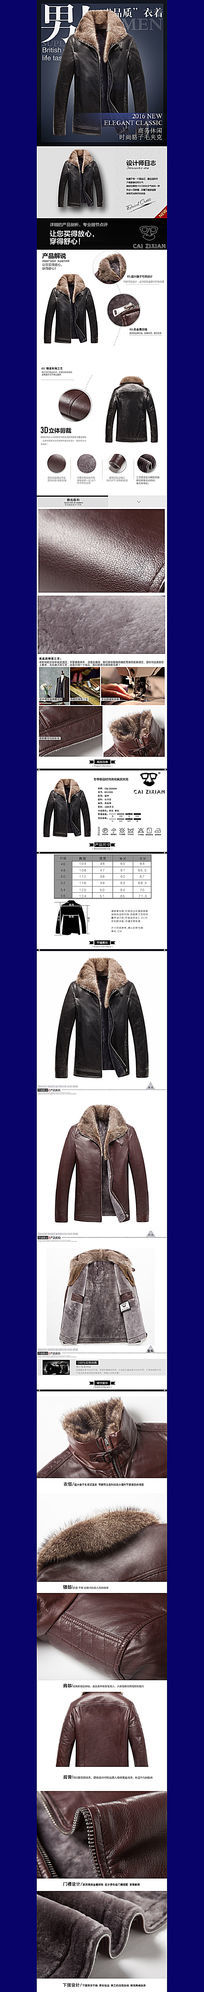 淘宝时尚皮夹克详情页模板